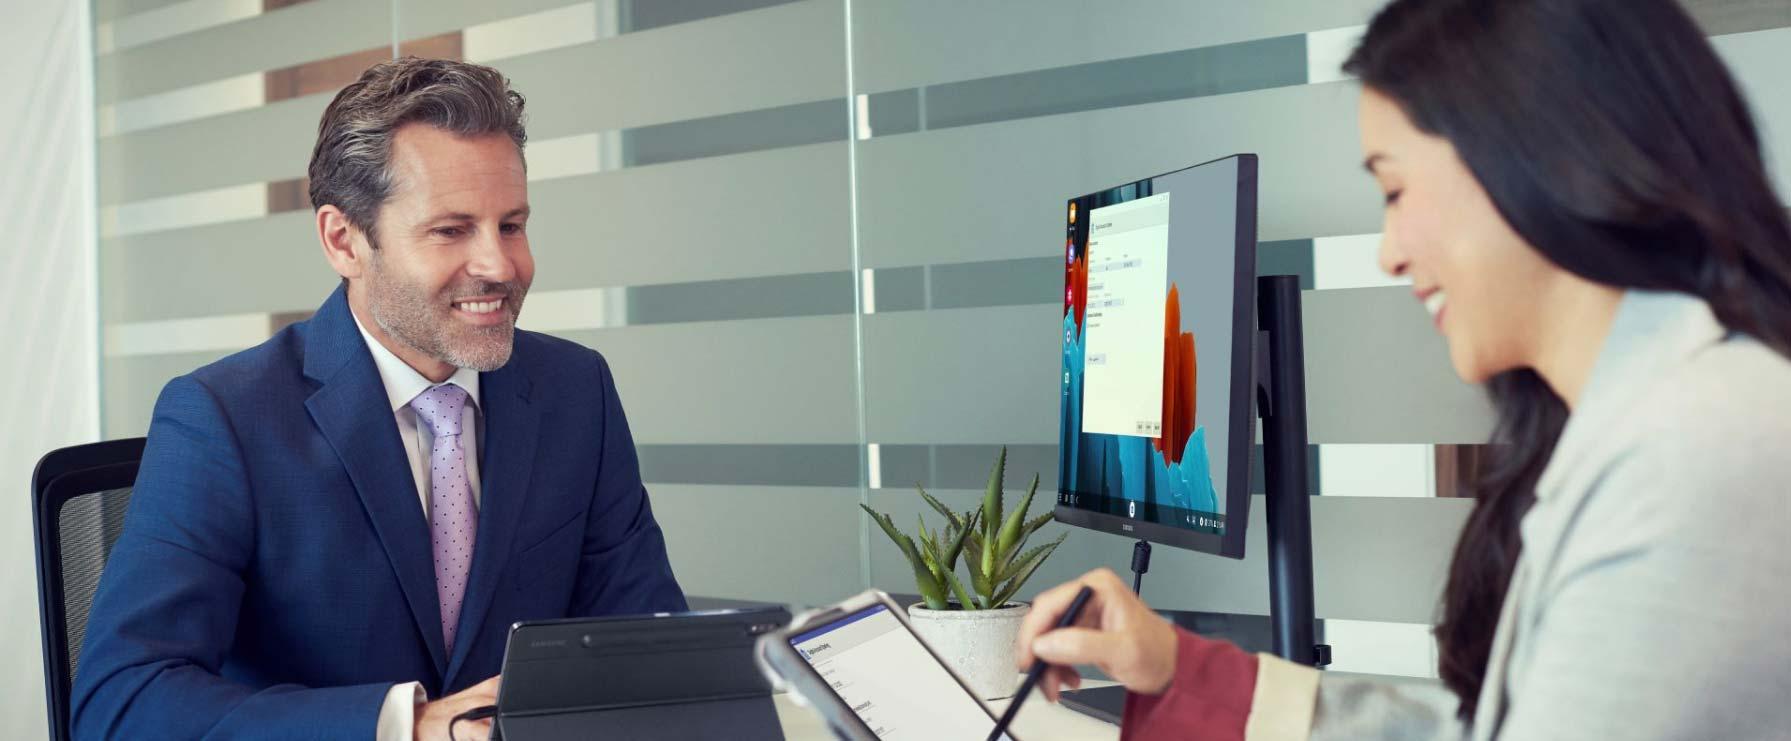 Samsung surfplatta digital arbetsplats